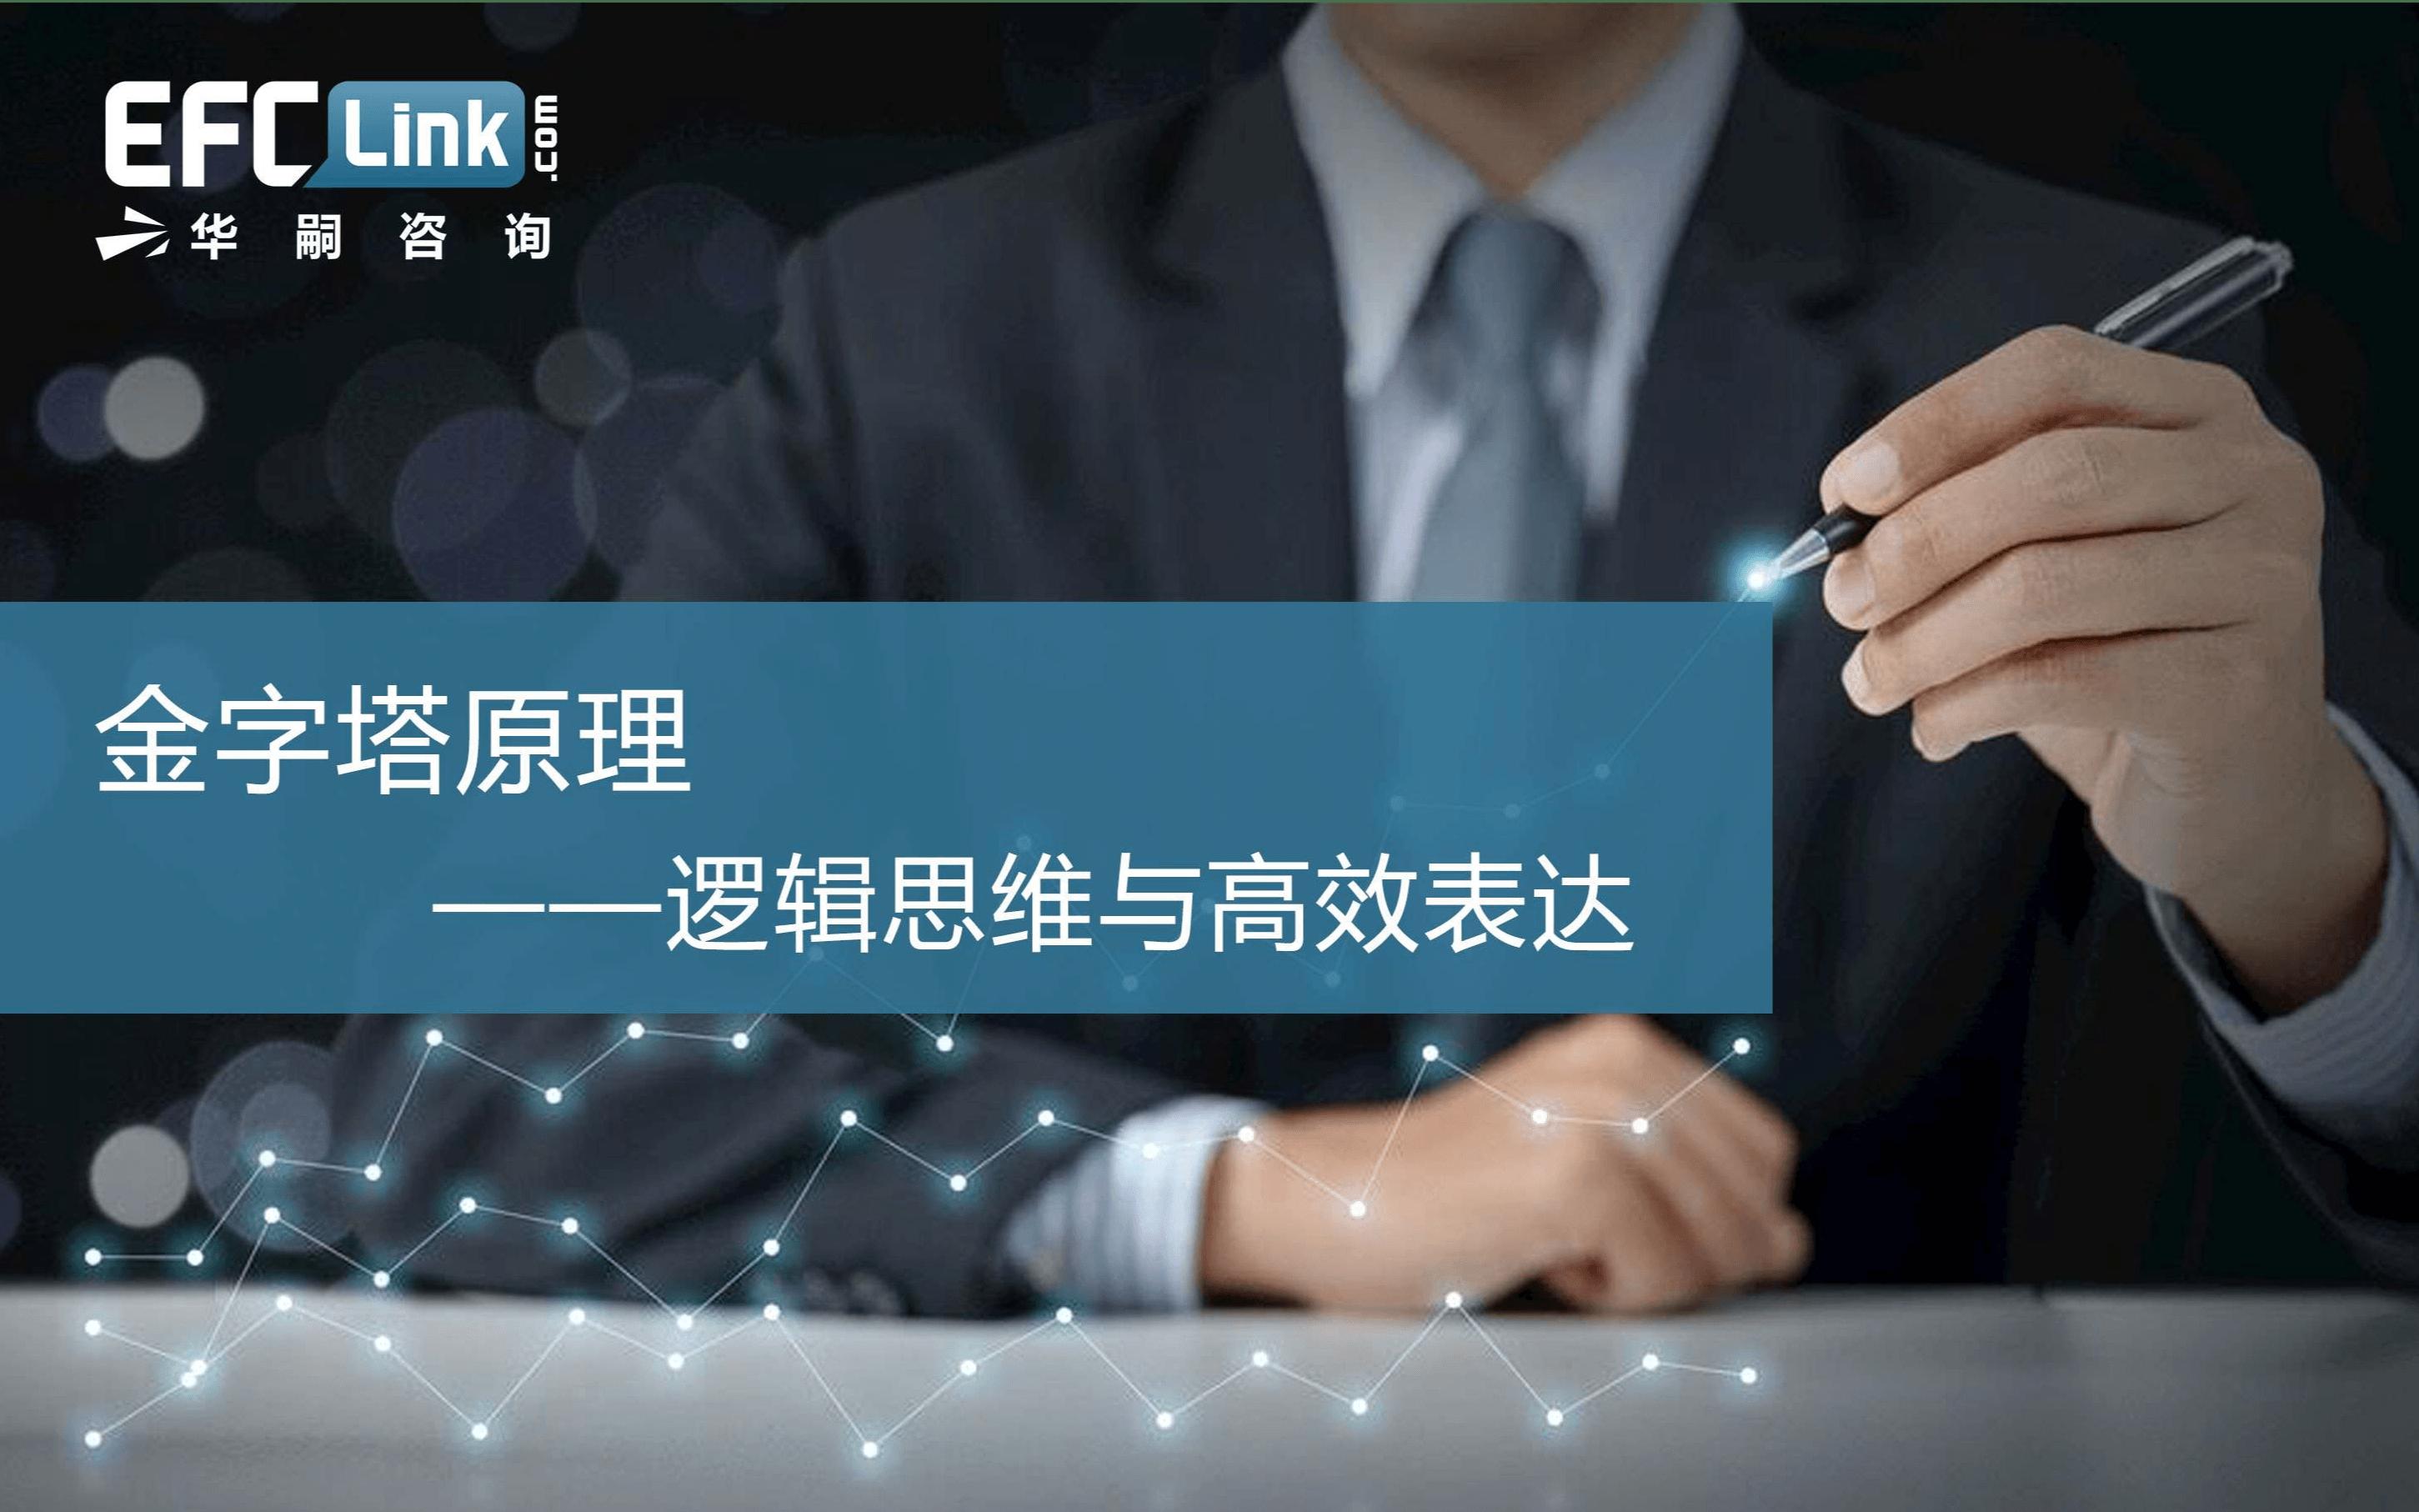 2020金字塔原理:逻辑思维与高效表达(上海-6月04日)